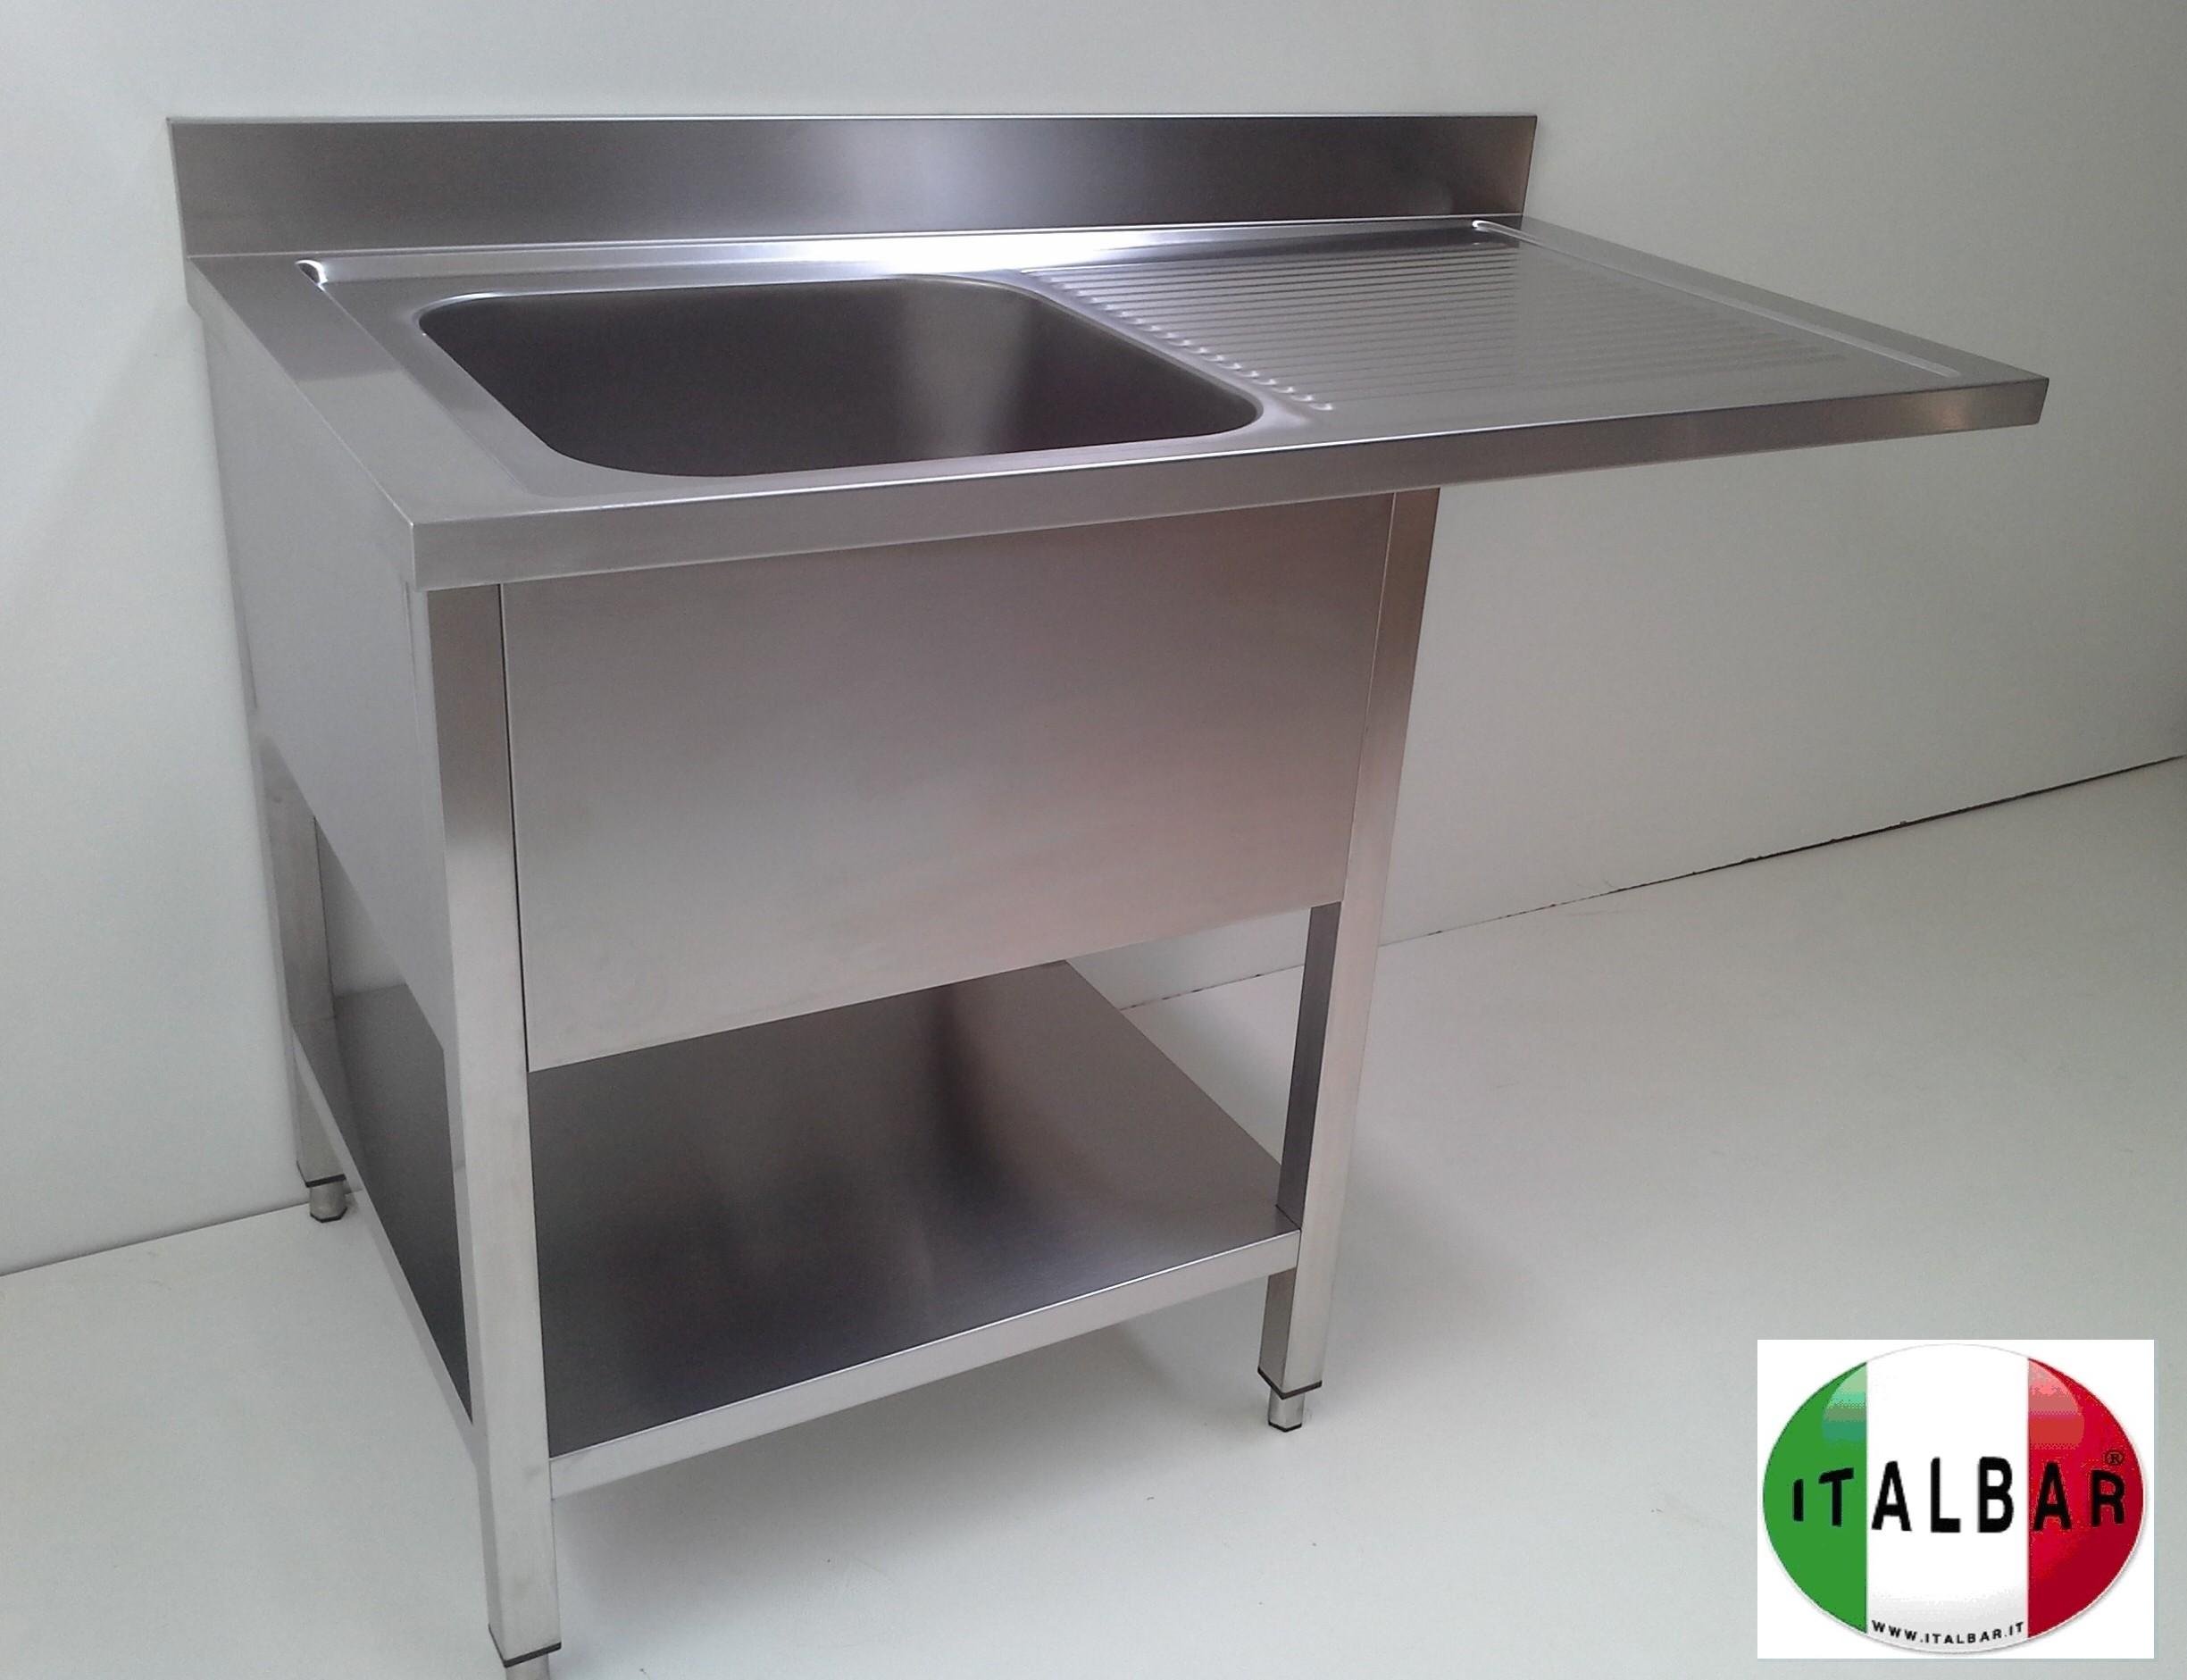 Lavagne cucina - Banconi da cucina ...